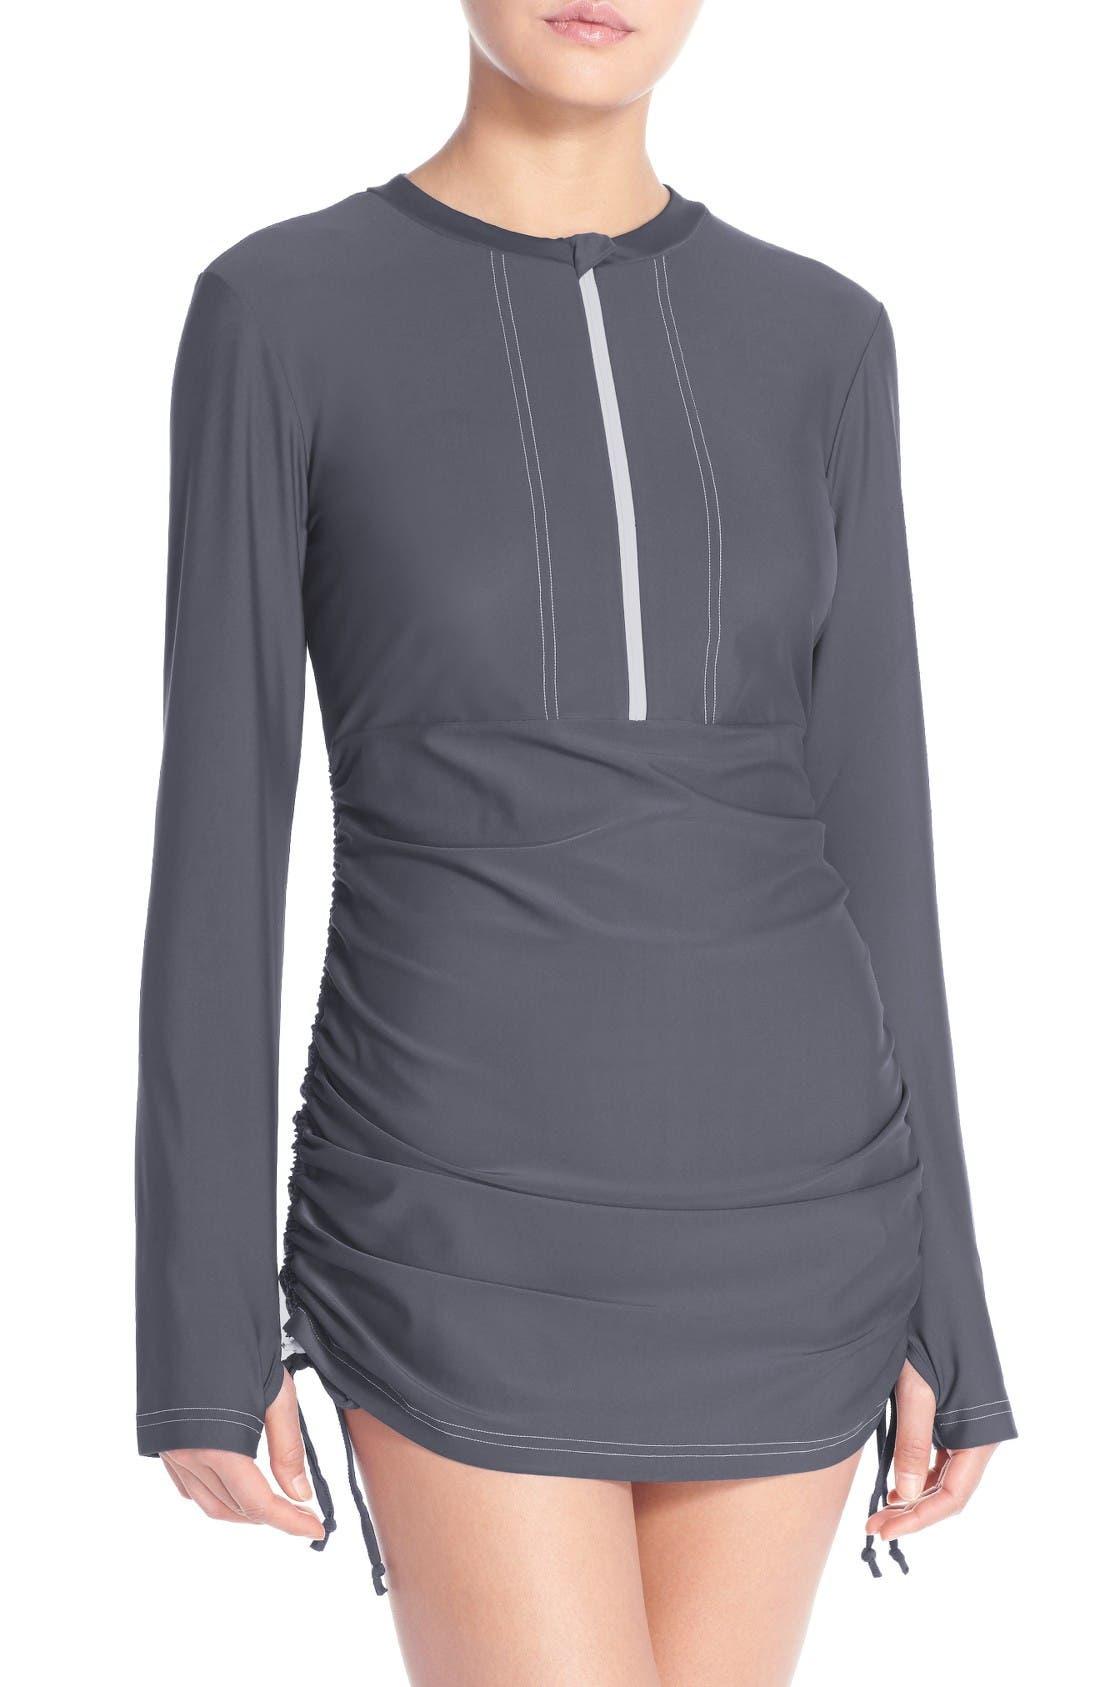 MOTT 50 'Sonja' Long Sleeve Half Zip Convertible